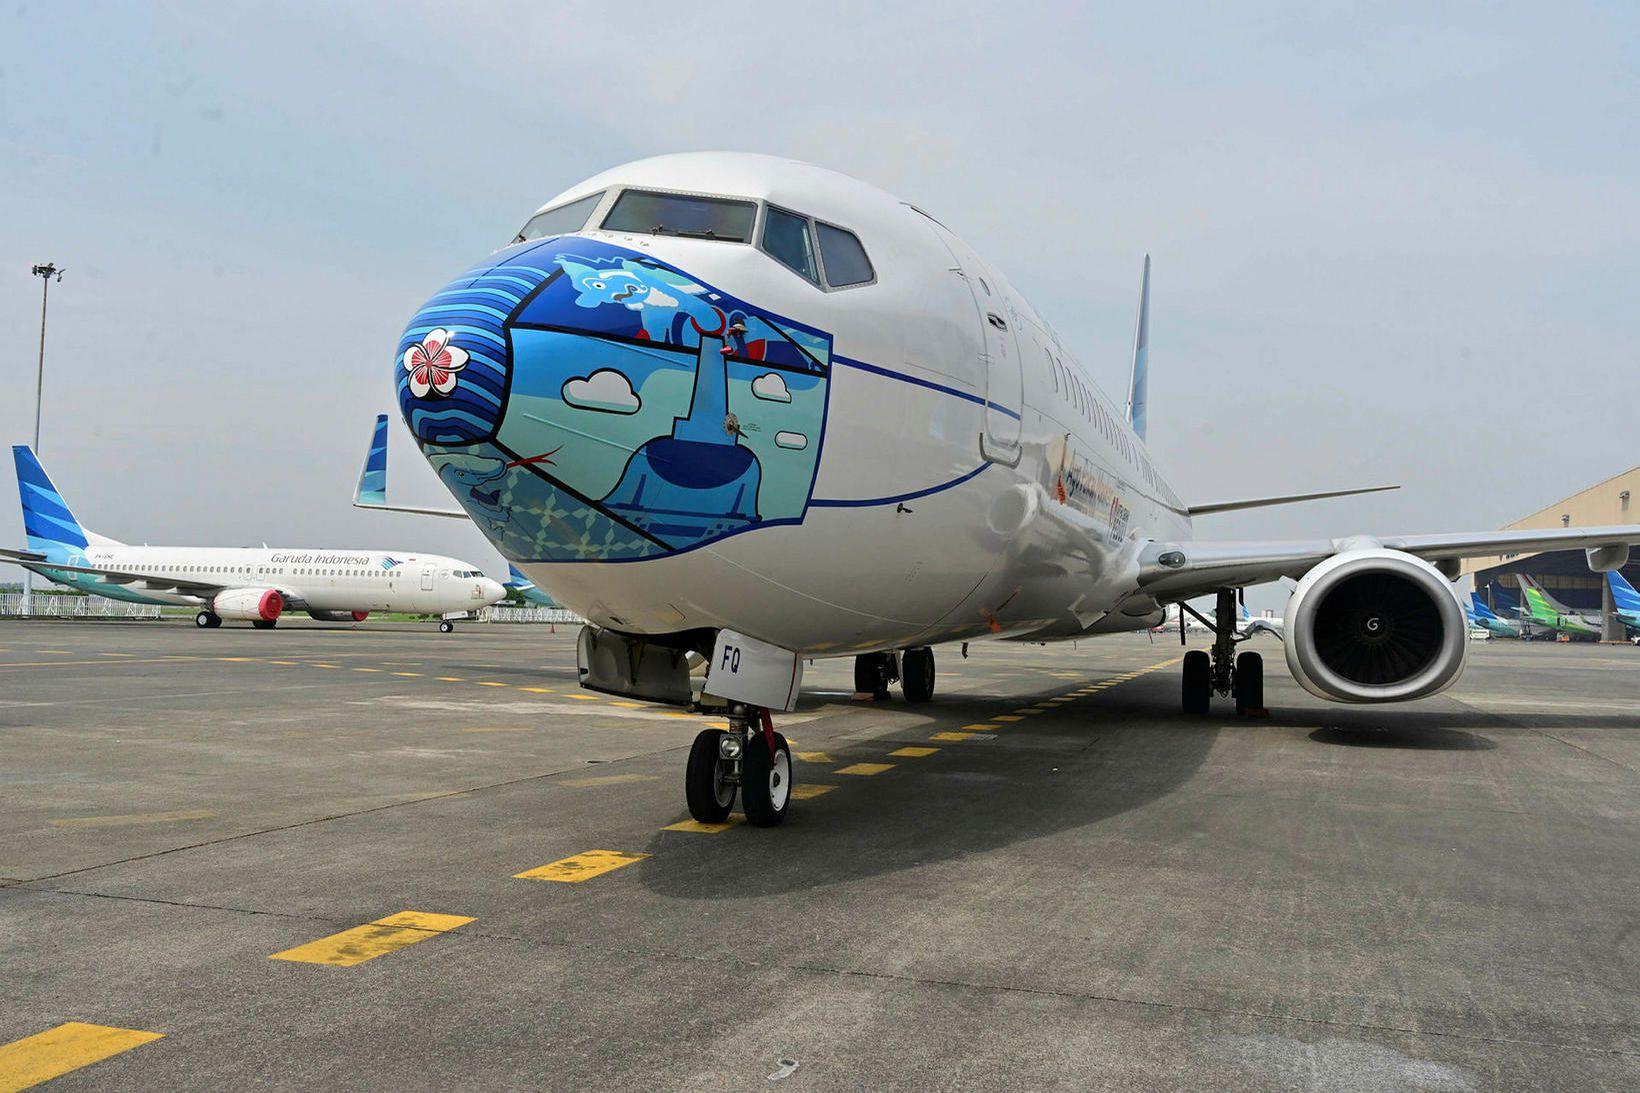 Boeing 737-800 þota við öllu búin í heimsfaraldri, öllu nema …